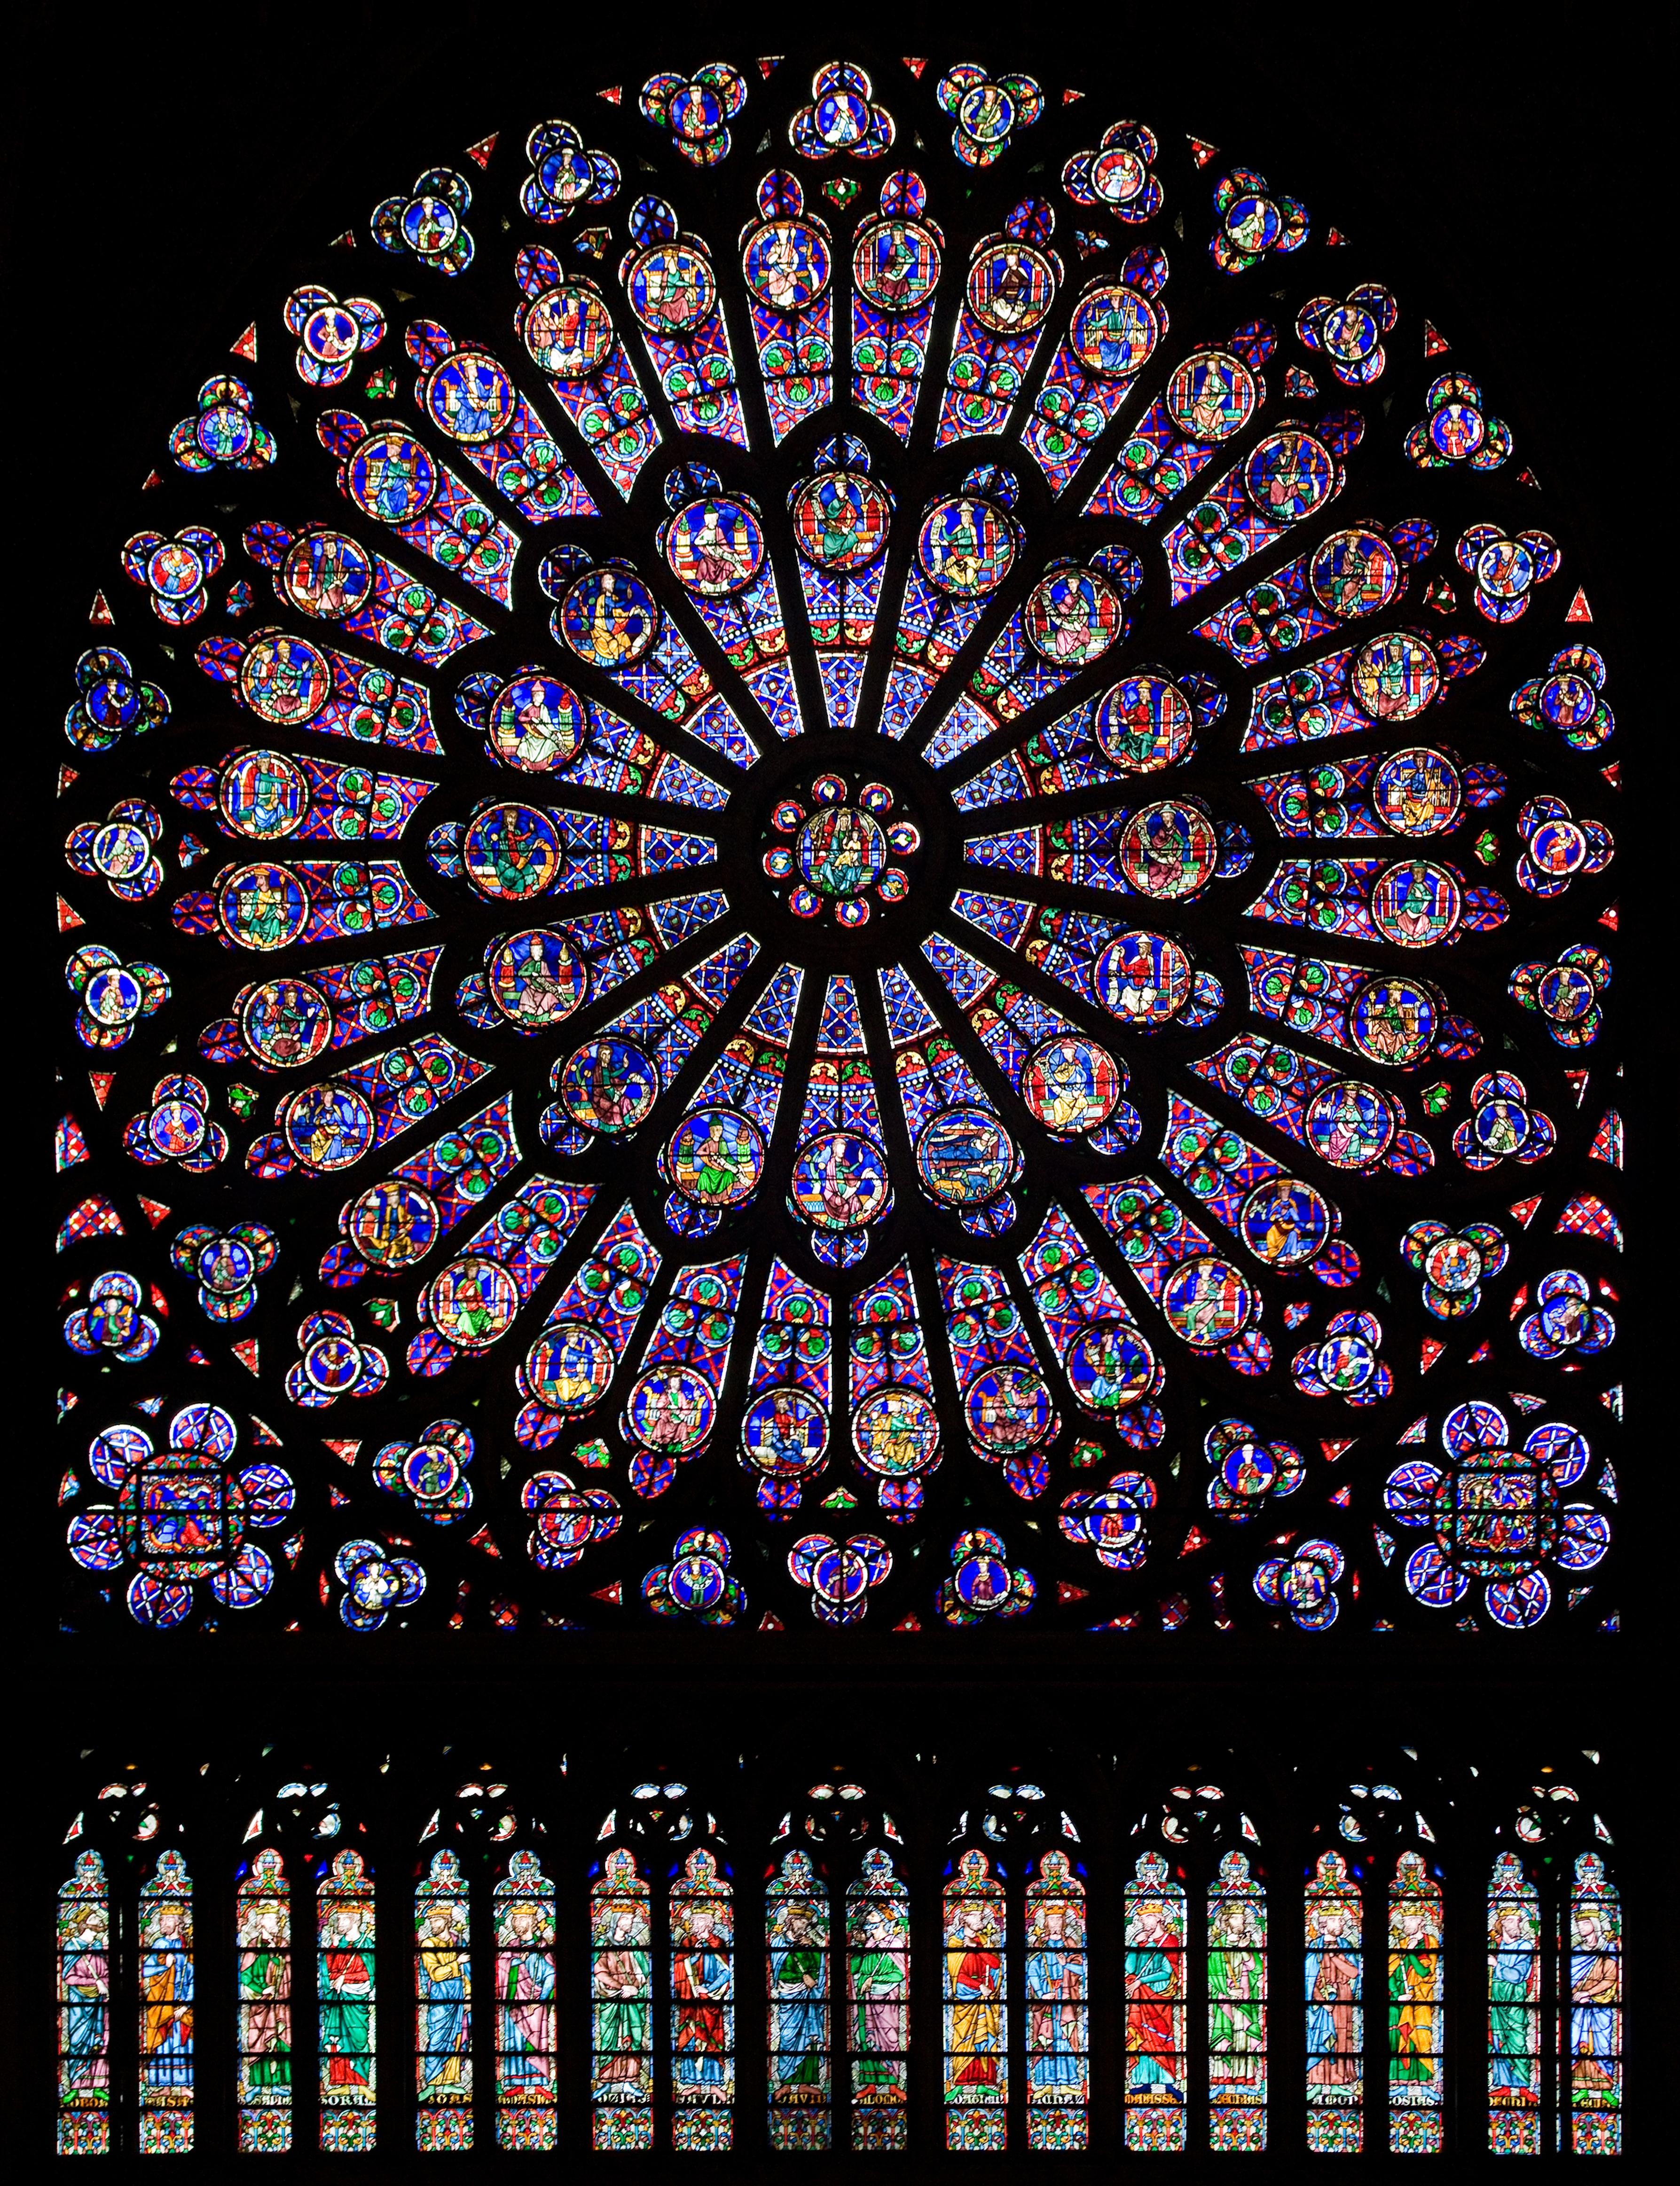 Собор Парижской Богоматери витражи северной розы.jpg